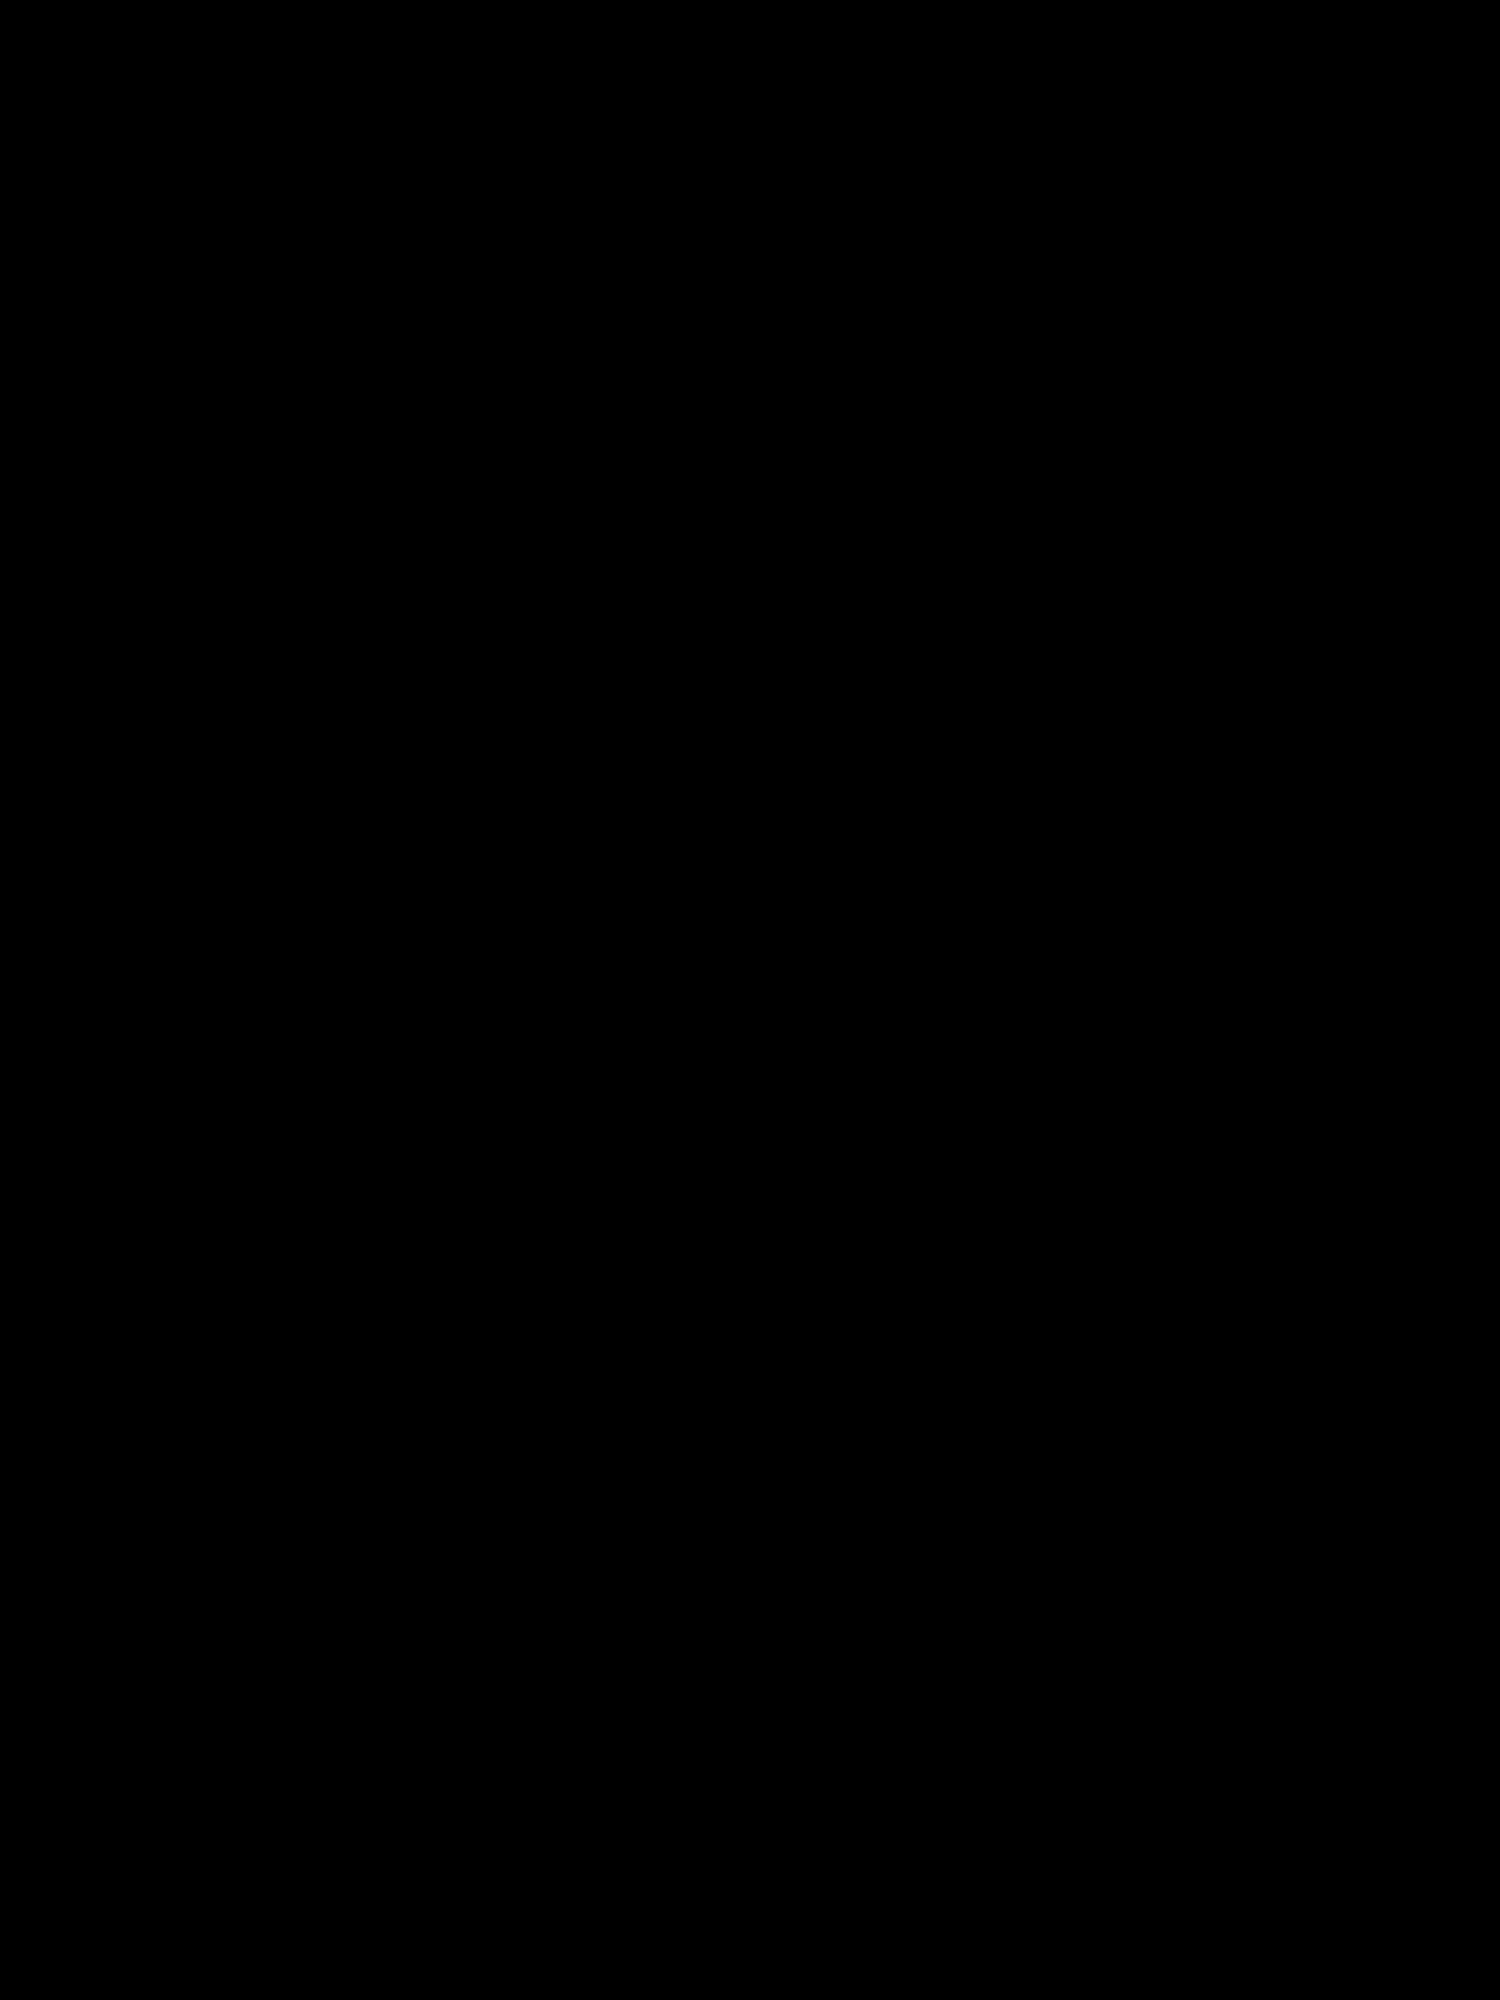 服務-logo-black.png